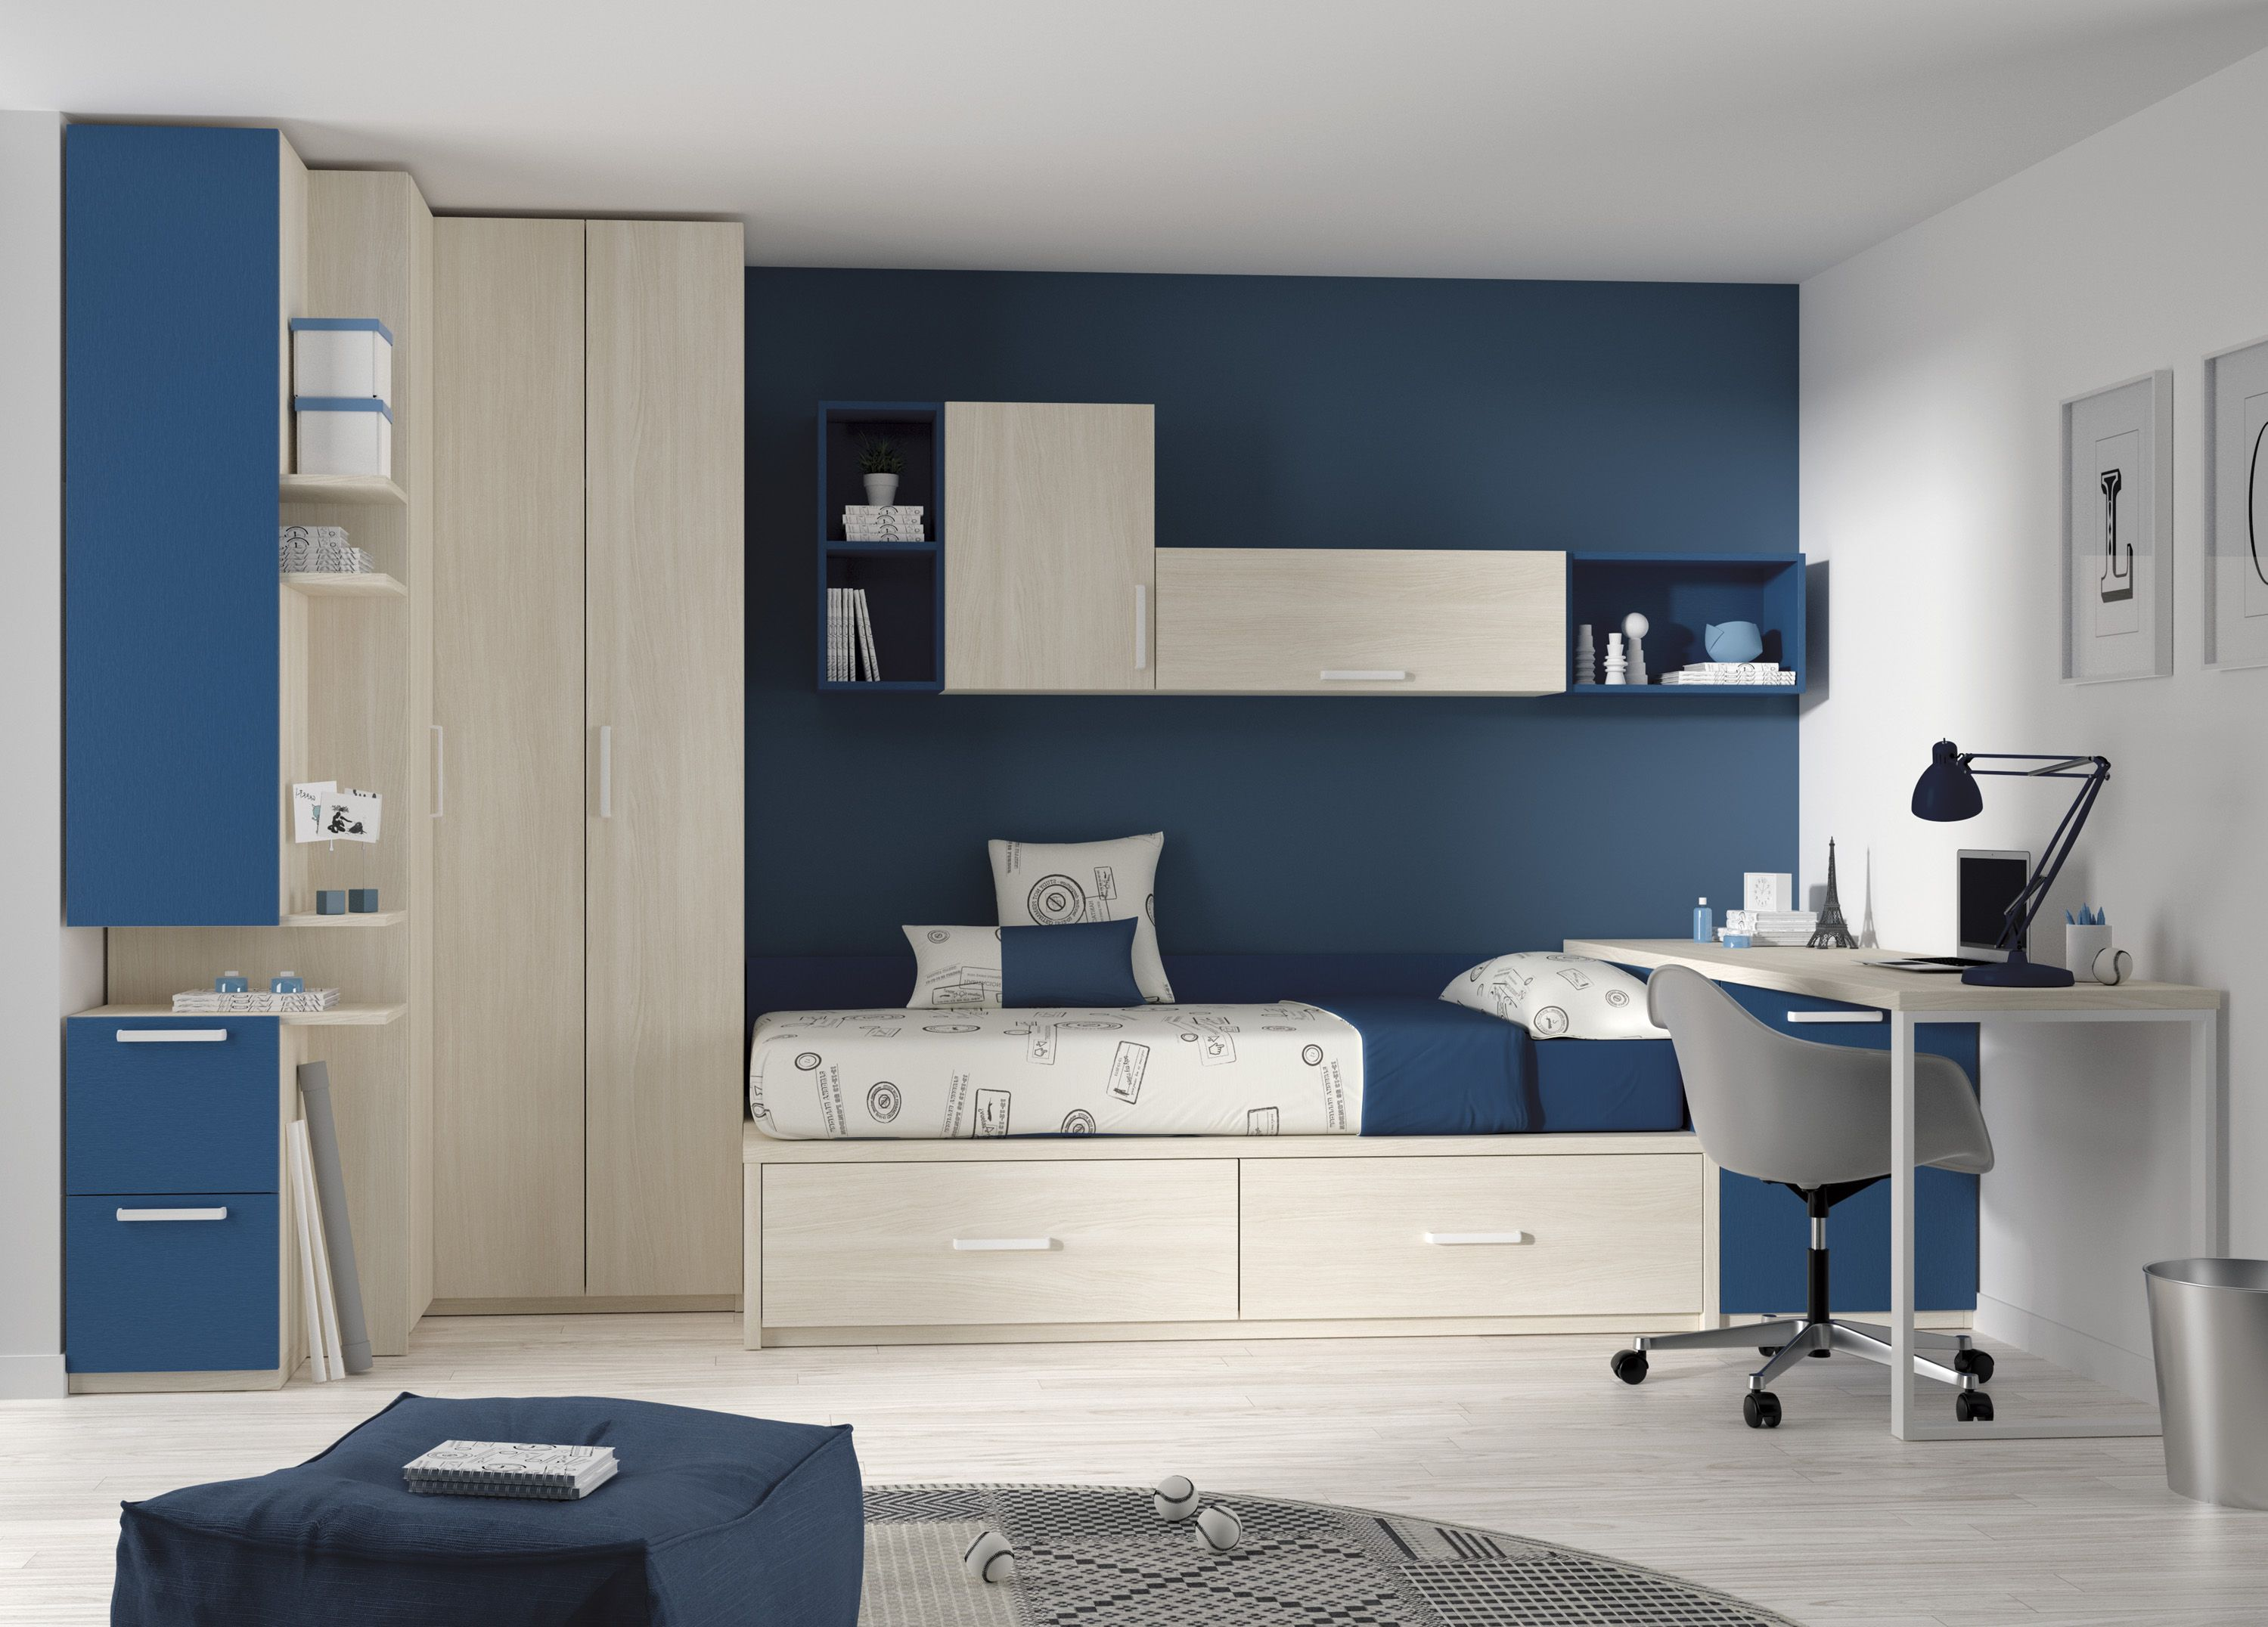 Estupendas y originales ideas para amueblar un dormitorio - Ideas para decorar un dormitorio juvenil ...